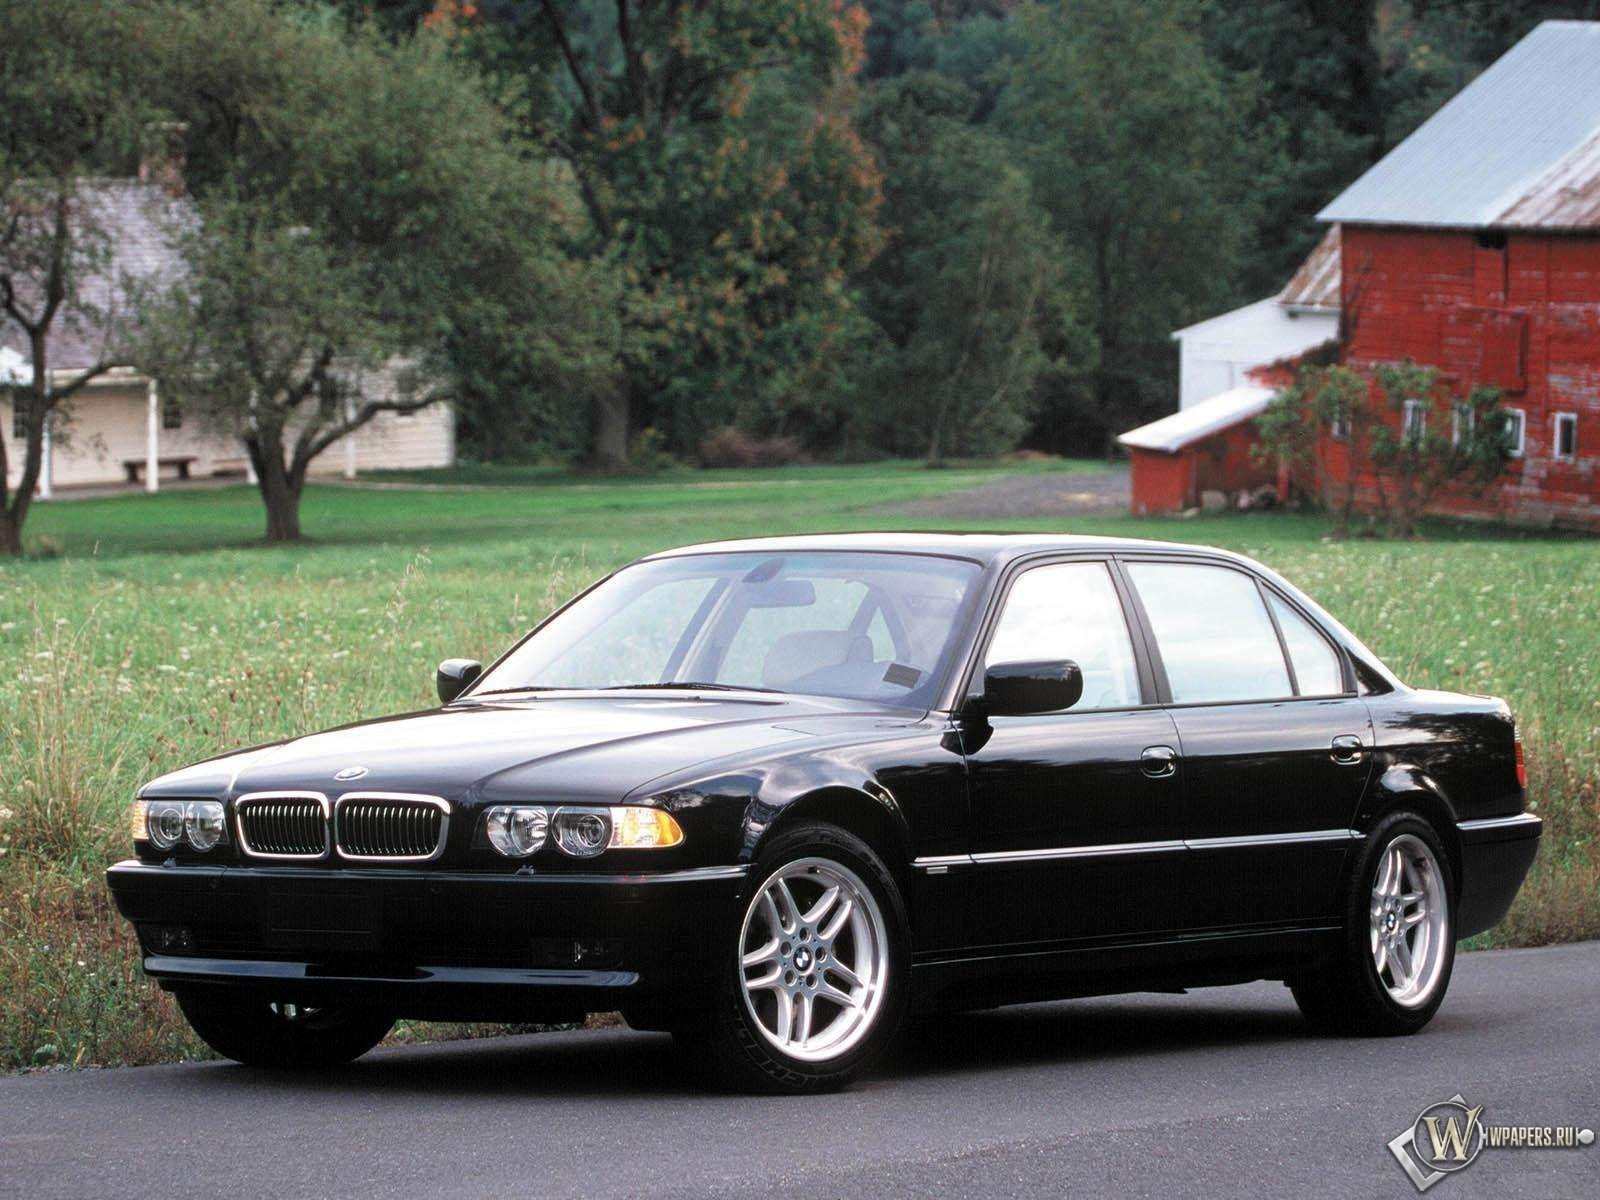 Скачать обои BMW 7 Series 2000 (Дерево, Чёрное авто, BMW 7 ...